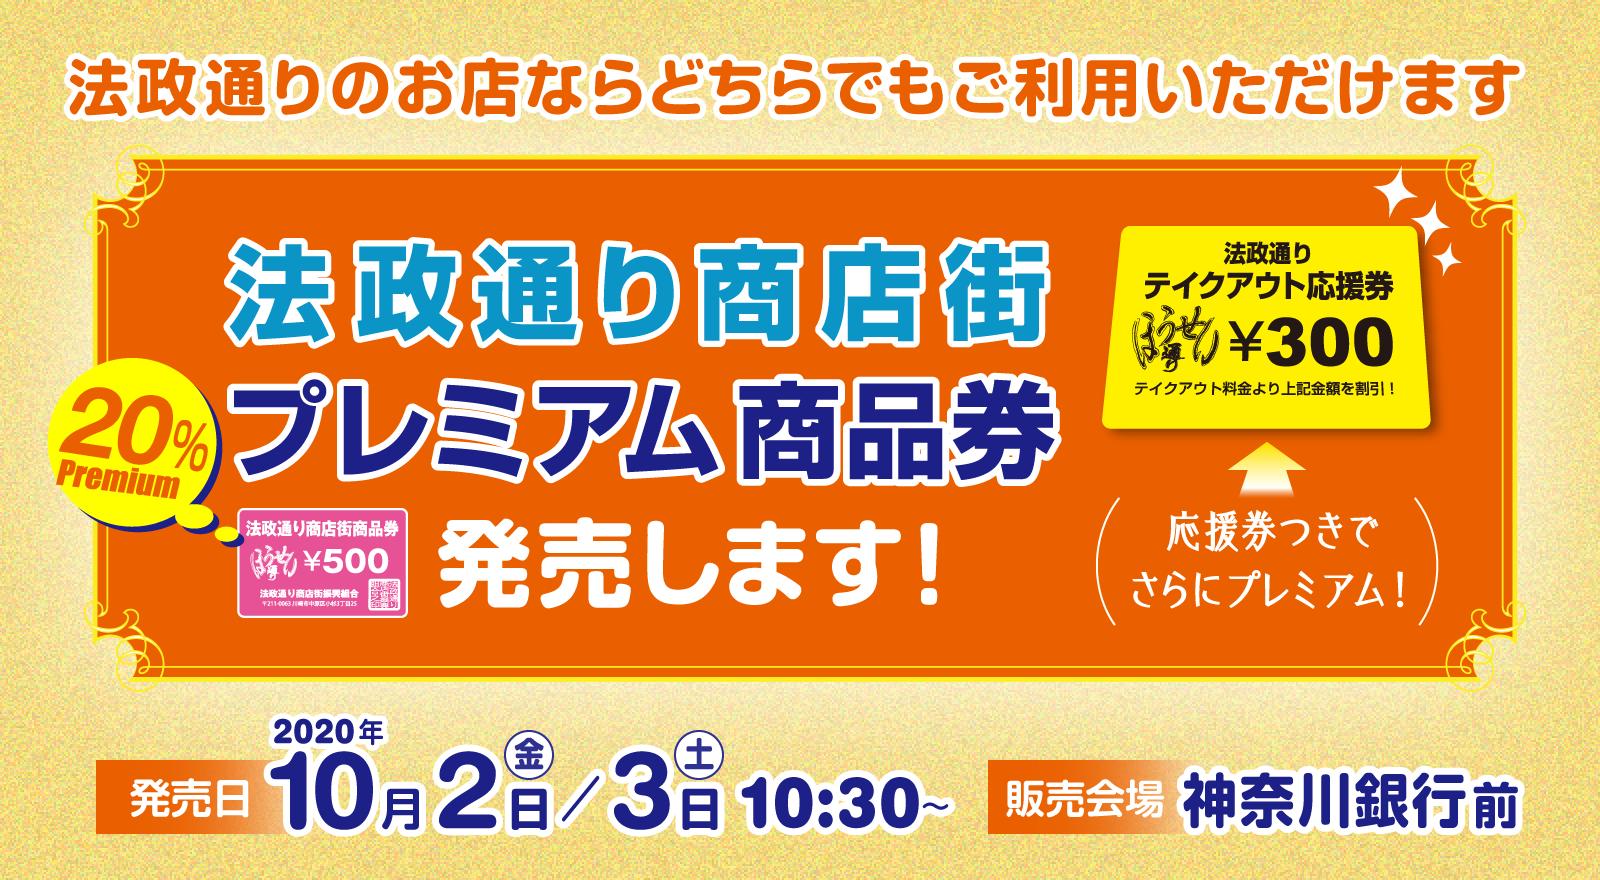 2020年10月02日、03日法政通りプレミアム商品券発売!